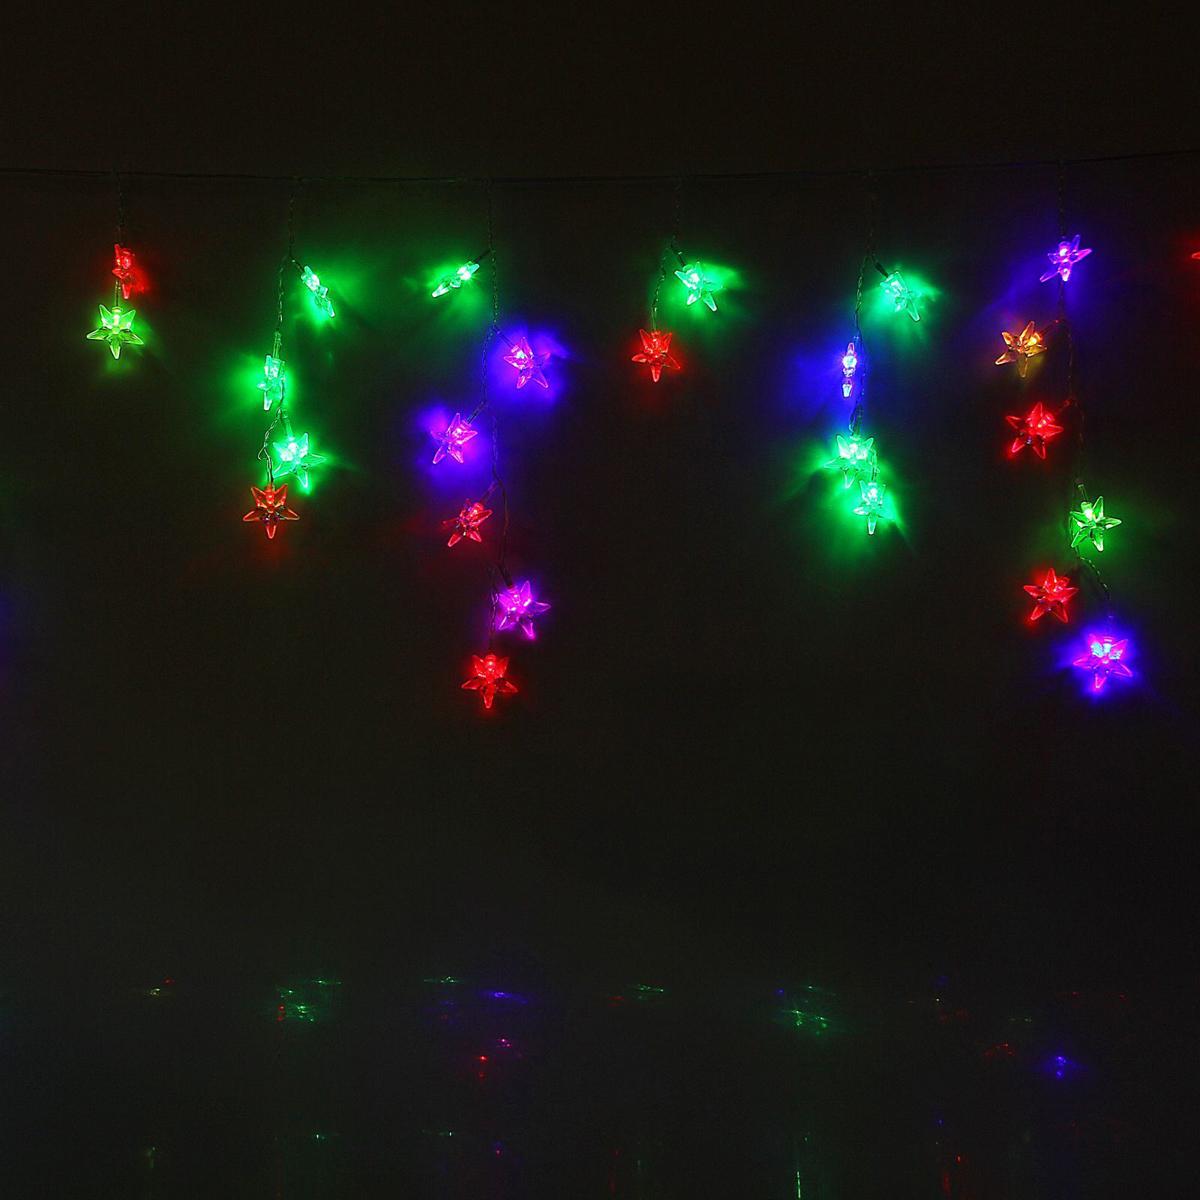 Гирлянда светодиодная Luazon Бахрома. Звезда средняя, 100 ламп, 220 V, цвет: мультиколор, 2,8 х 0,6 м. 10804451080445Светодиодные гирлянды, ленты и т.д — это отличный вариант для новогоднего оформления интерьера или фасада. С их помощью помещение любого размера можно превратить в праздничный зал, а внешние элементы зданий, украшенные ими, мгновенно станут напоминать очертания сказочного дворца. Такие украшения создают ауру предвкушения чуда. Деревья, фасады, витрины, окна и арки будто специально созданы, чтобы вы украсили их светящимися нитями.